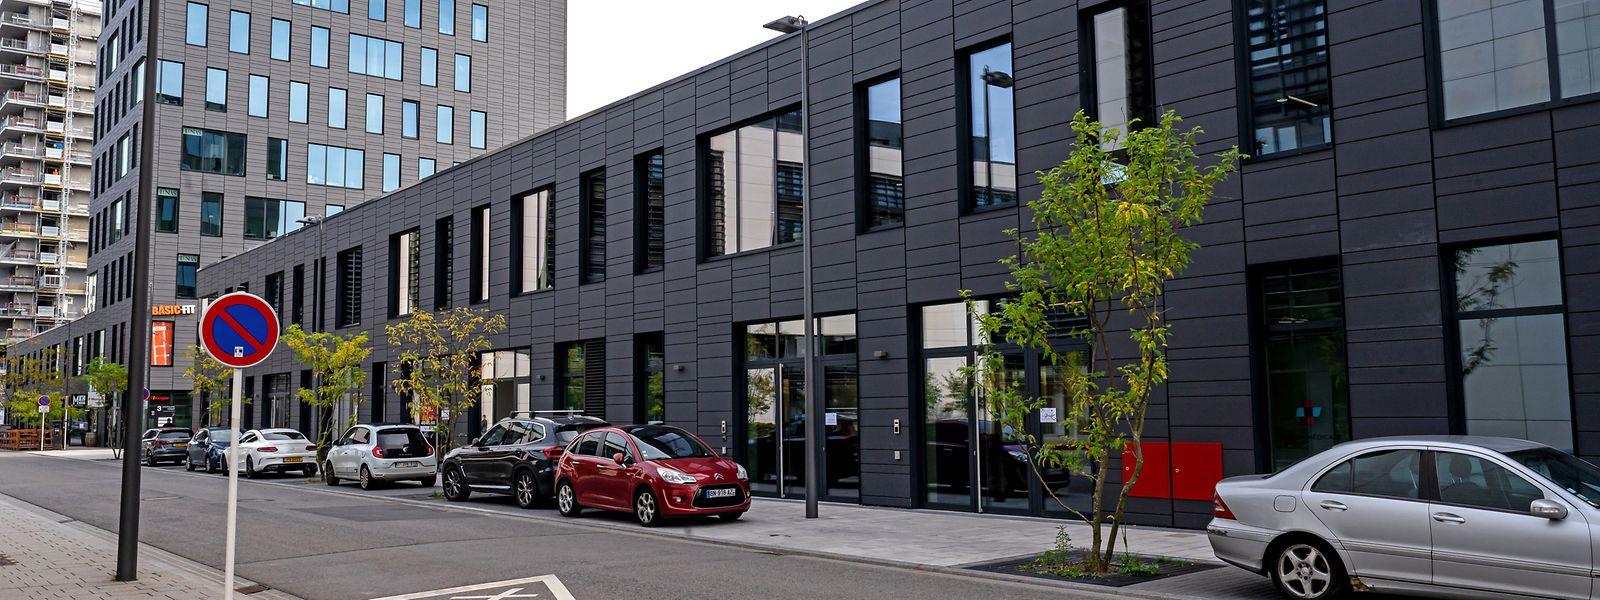 Die neuen Räumlichkeiten der Maison médicale befindet sich in der Avenue du Swing in Beles.